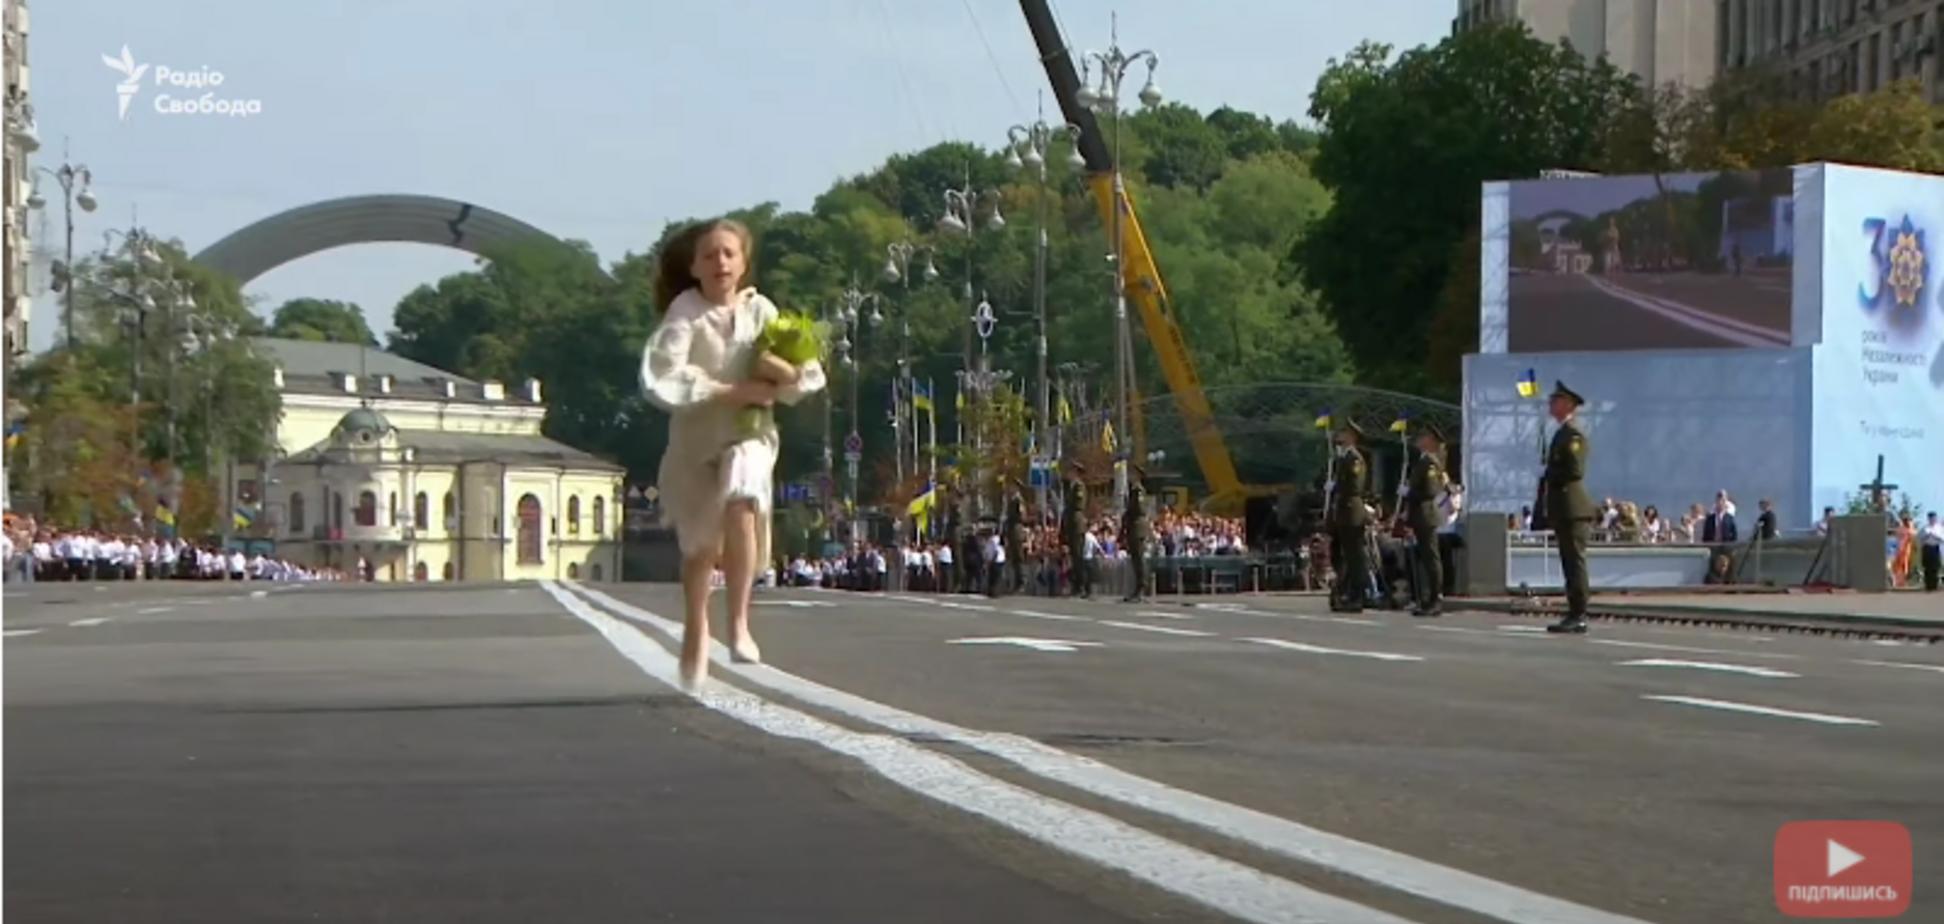 ДНК: повне відео перформенсу під час святкування Дня Незалежності України